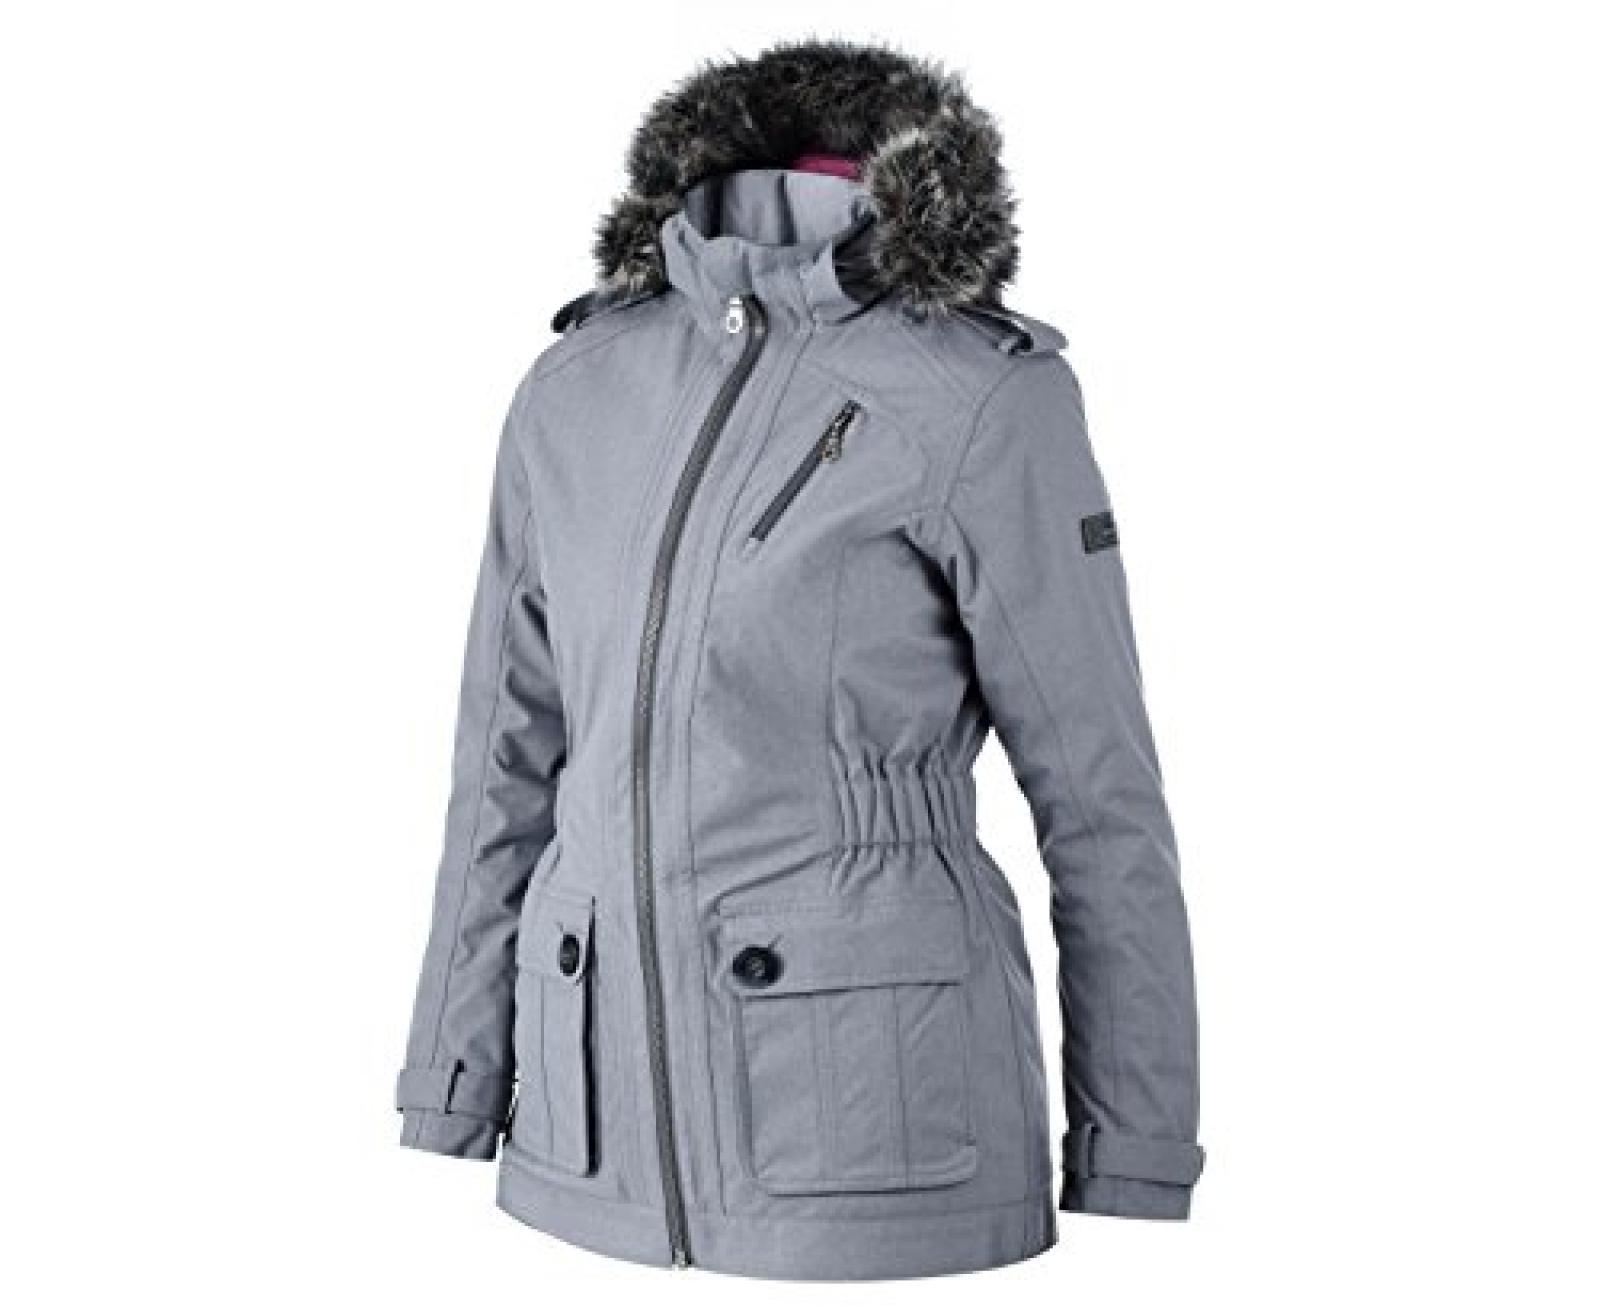 Berghaus Holburn Insulated Jacket - Silver Haze